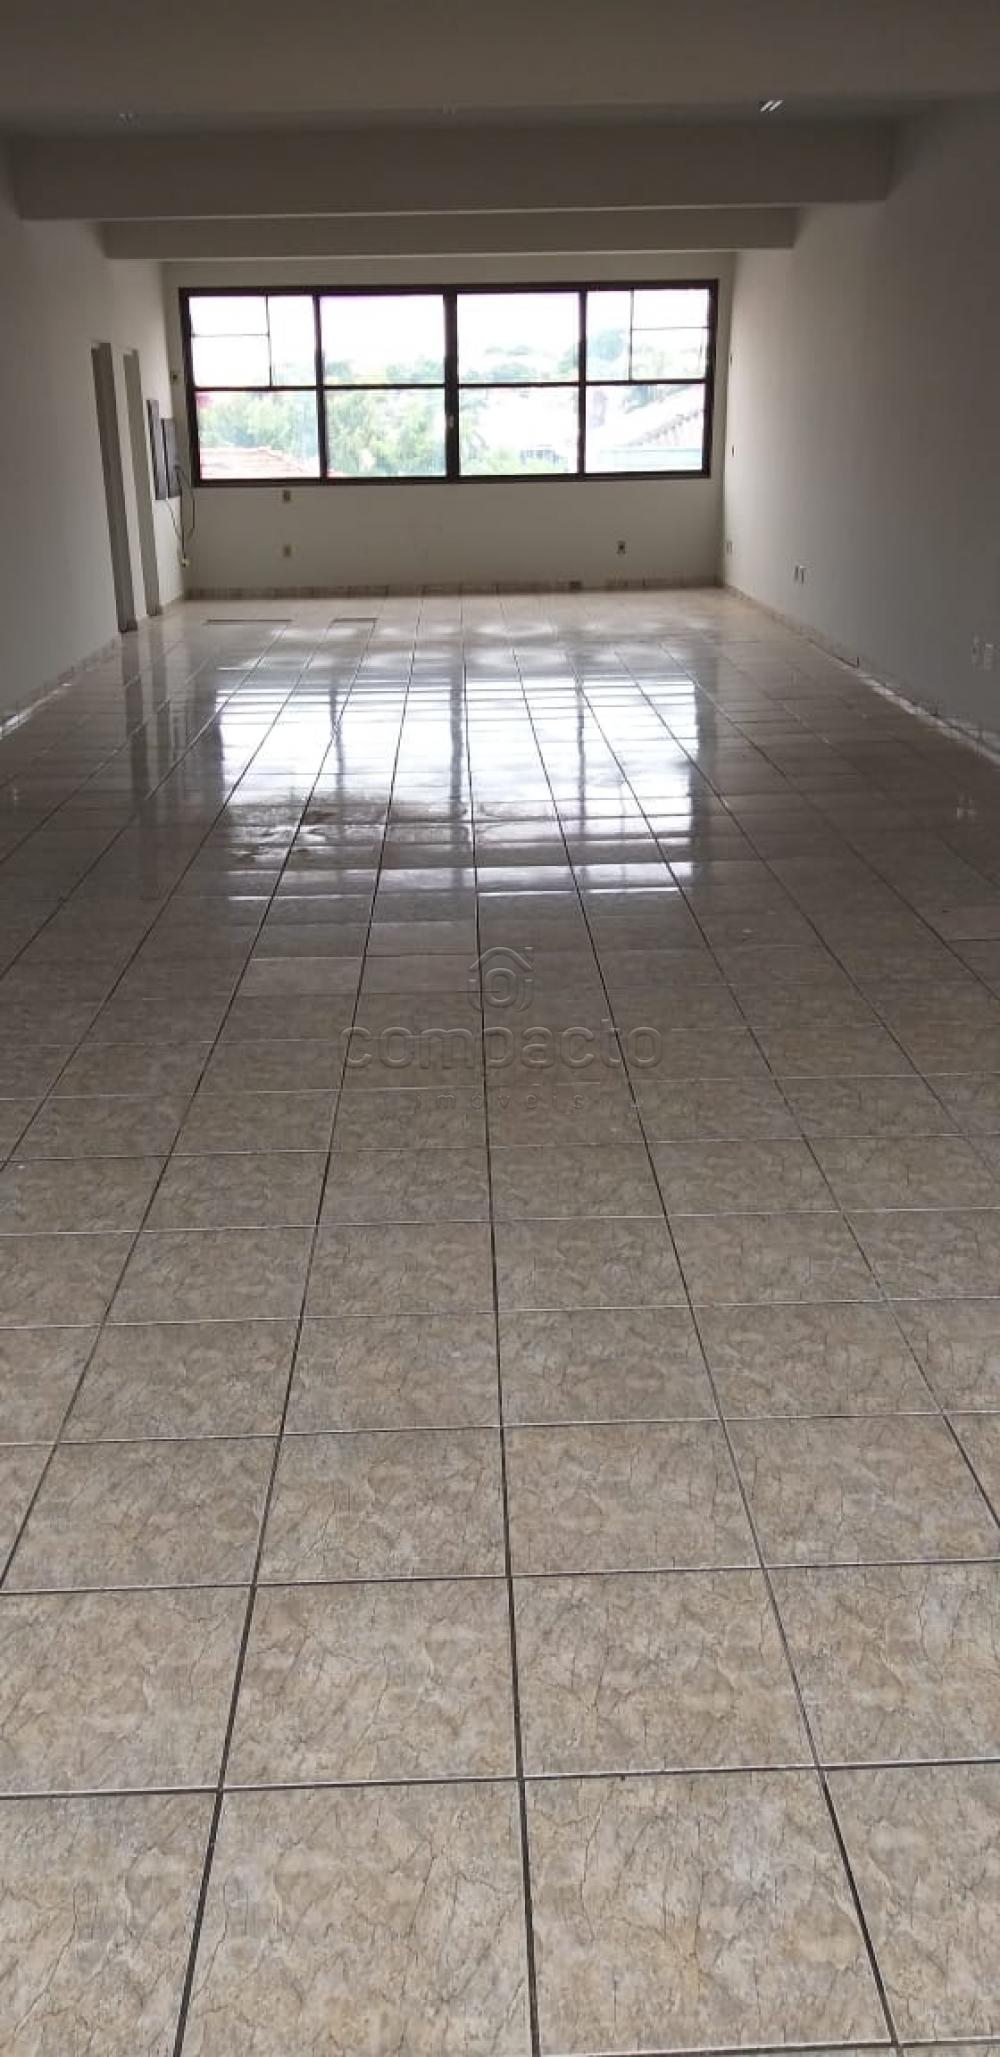 Alugar Comercial / Prédio em São José do Rio Preto apenas R$ 7.000,00 - Foto 17